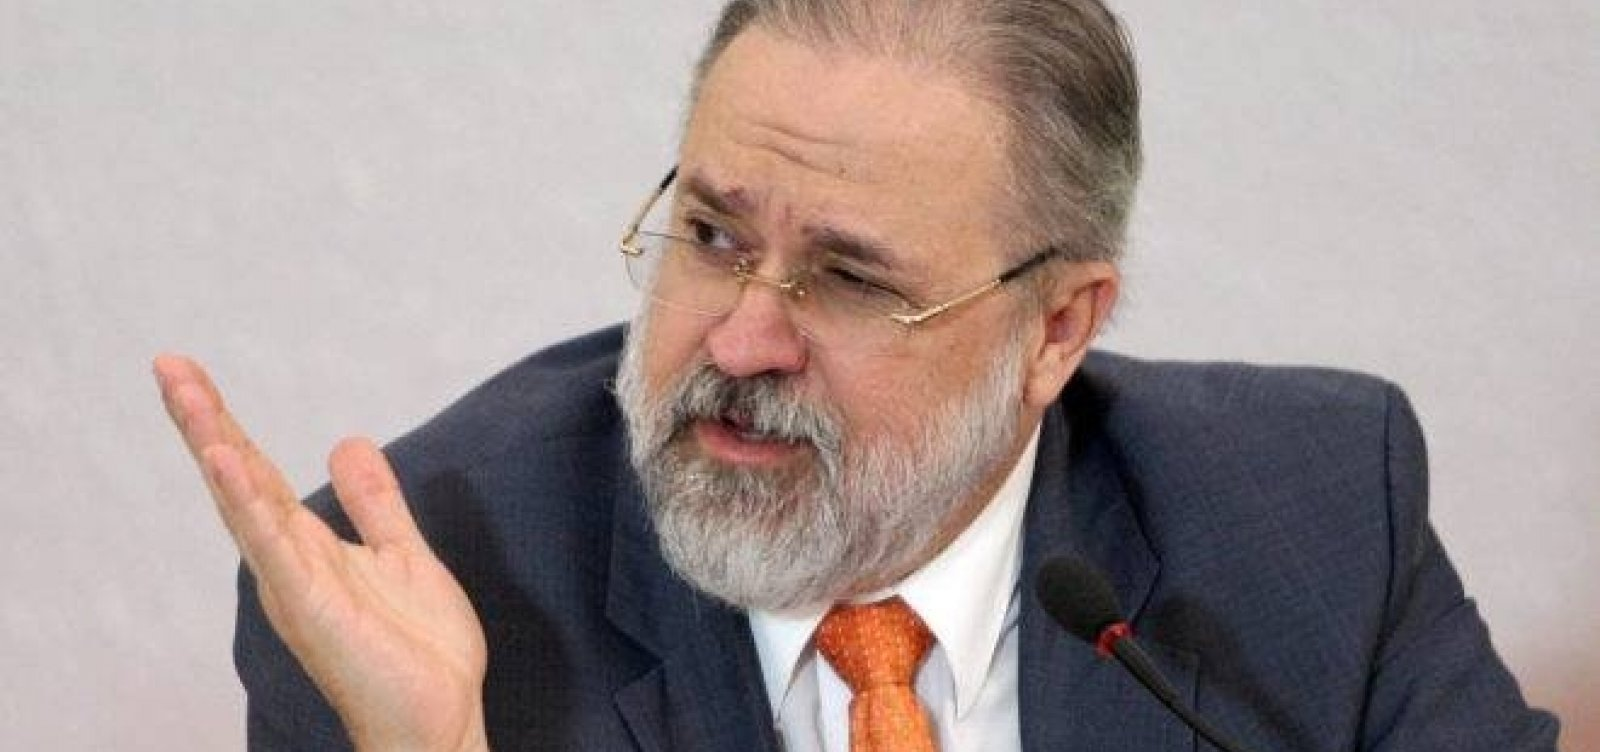 [Aras insinua que Bolsonaro pode decretar estado de defesa em plena pandemia]